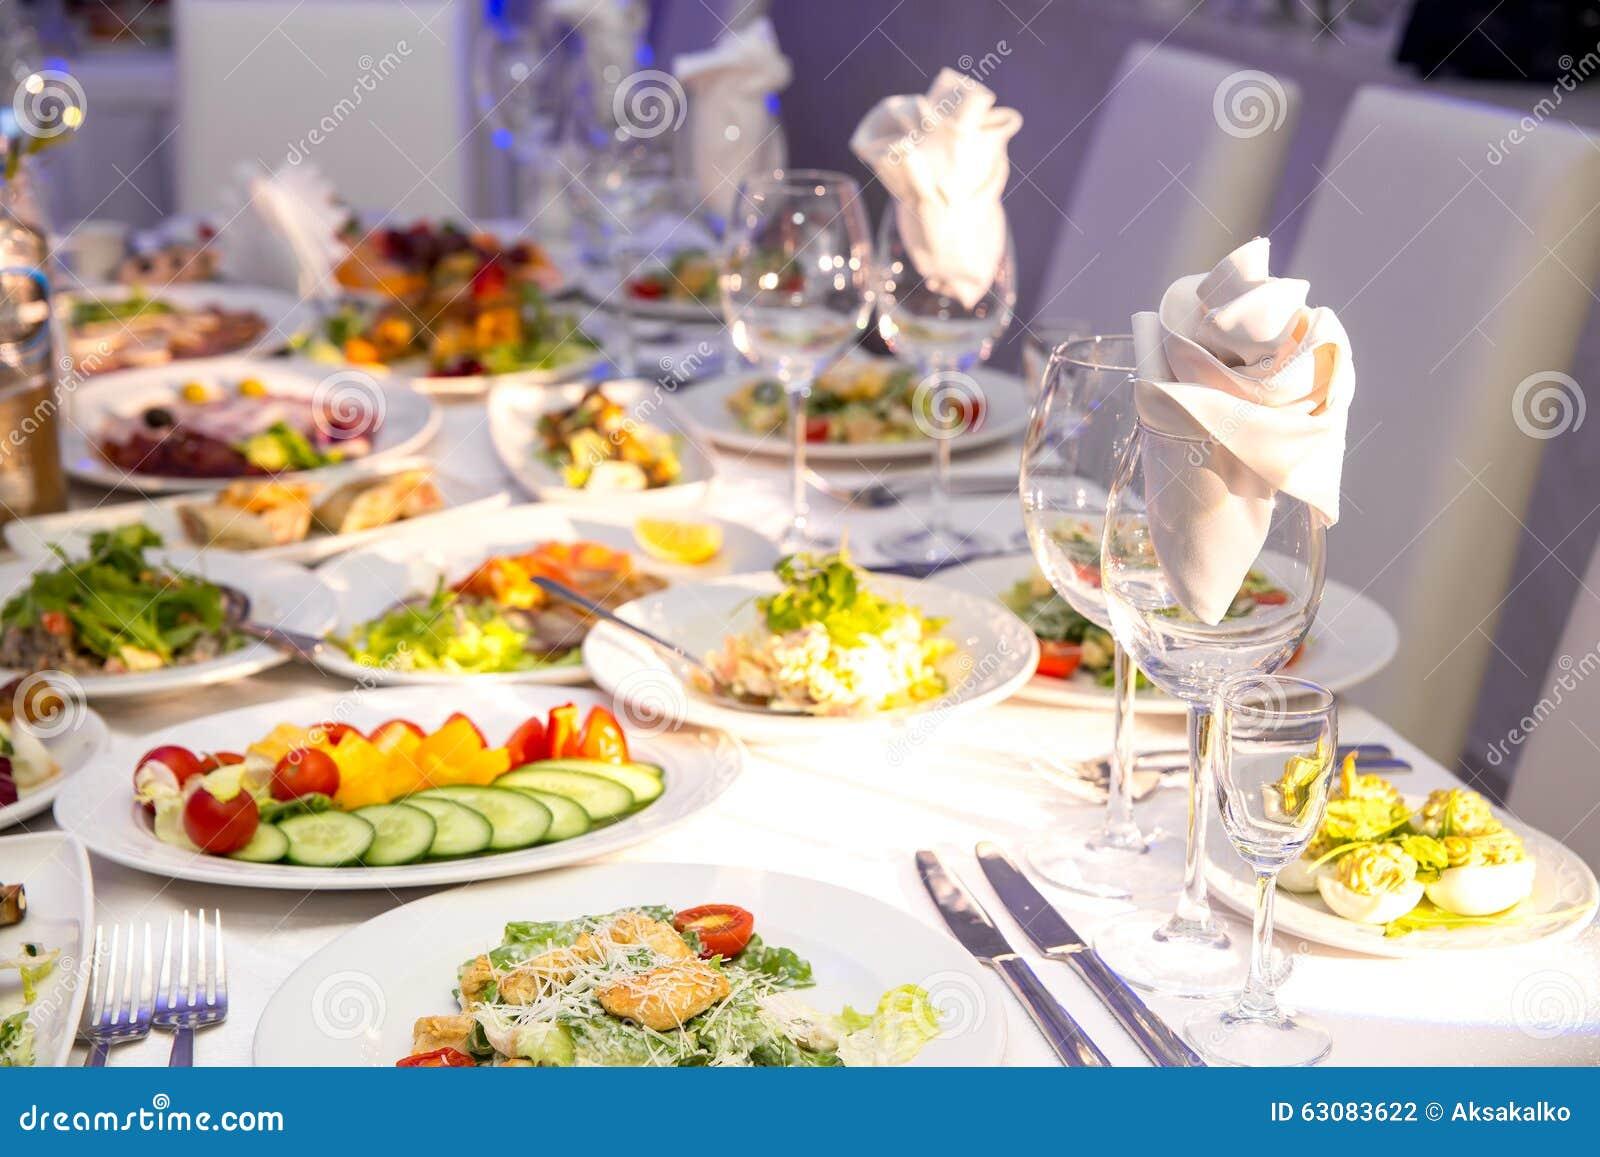 Download Servi à Une Table De Banquet Photo stock - Image du dîner, canape: 63083622